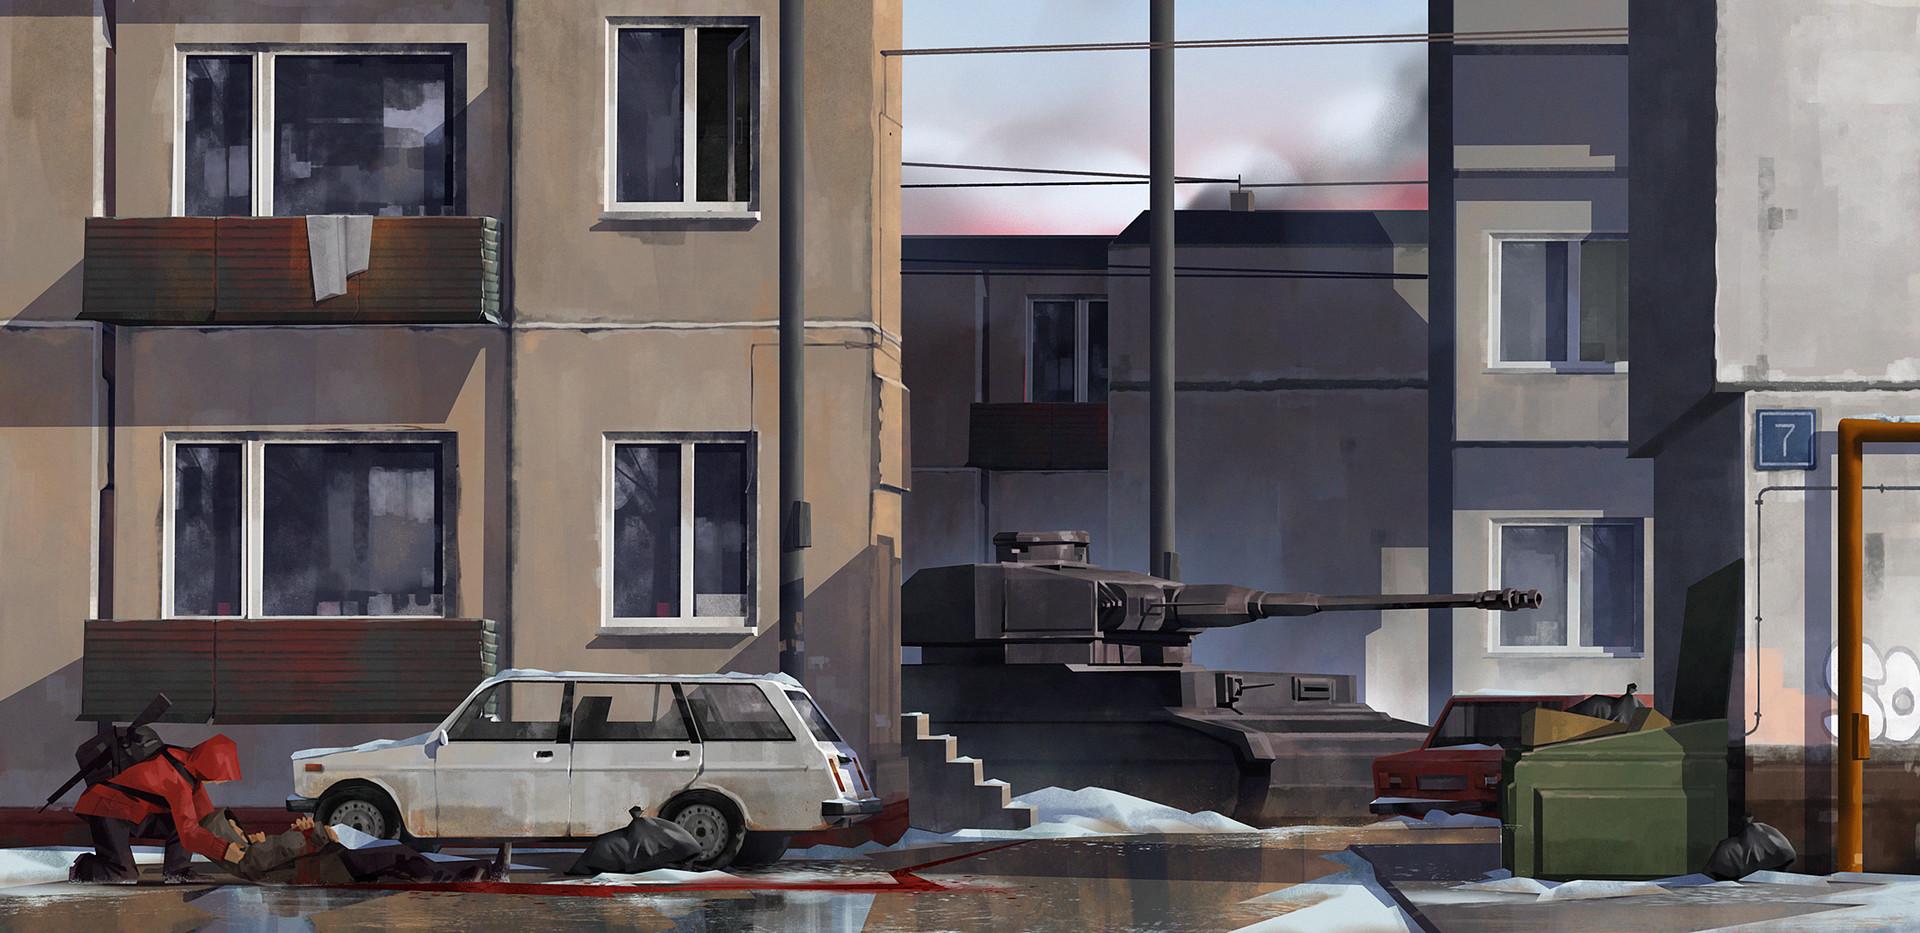 Art by:  Max Birdfall  Written: 5 October 2018